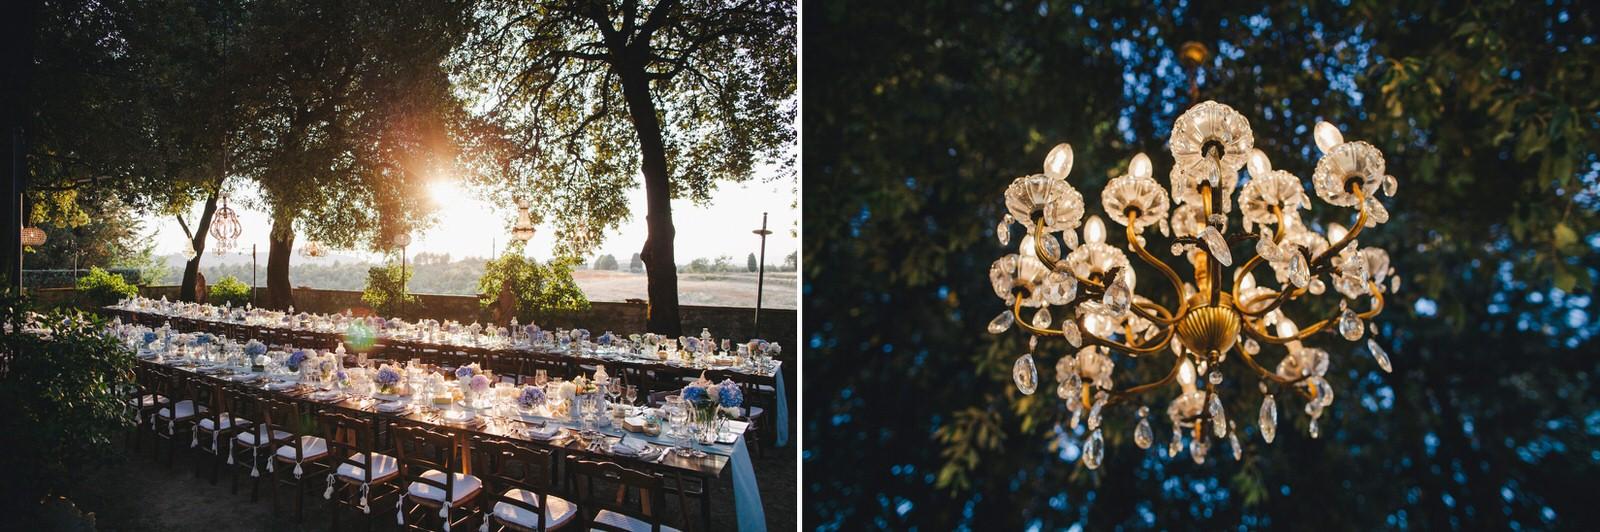 tuscany wedding table setting details